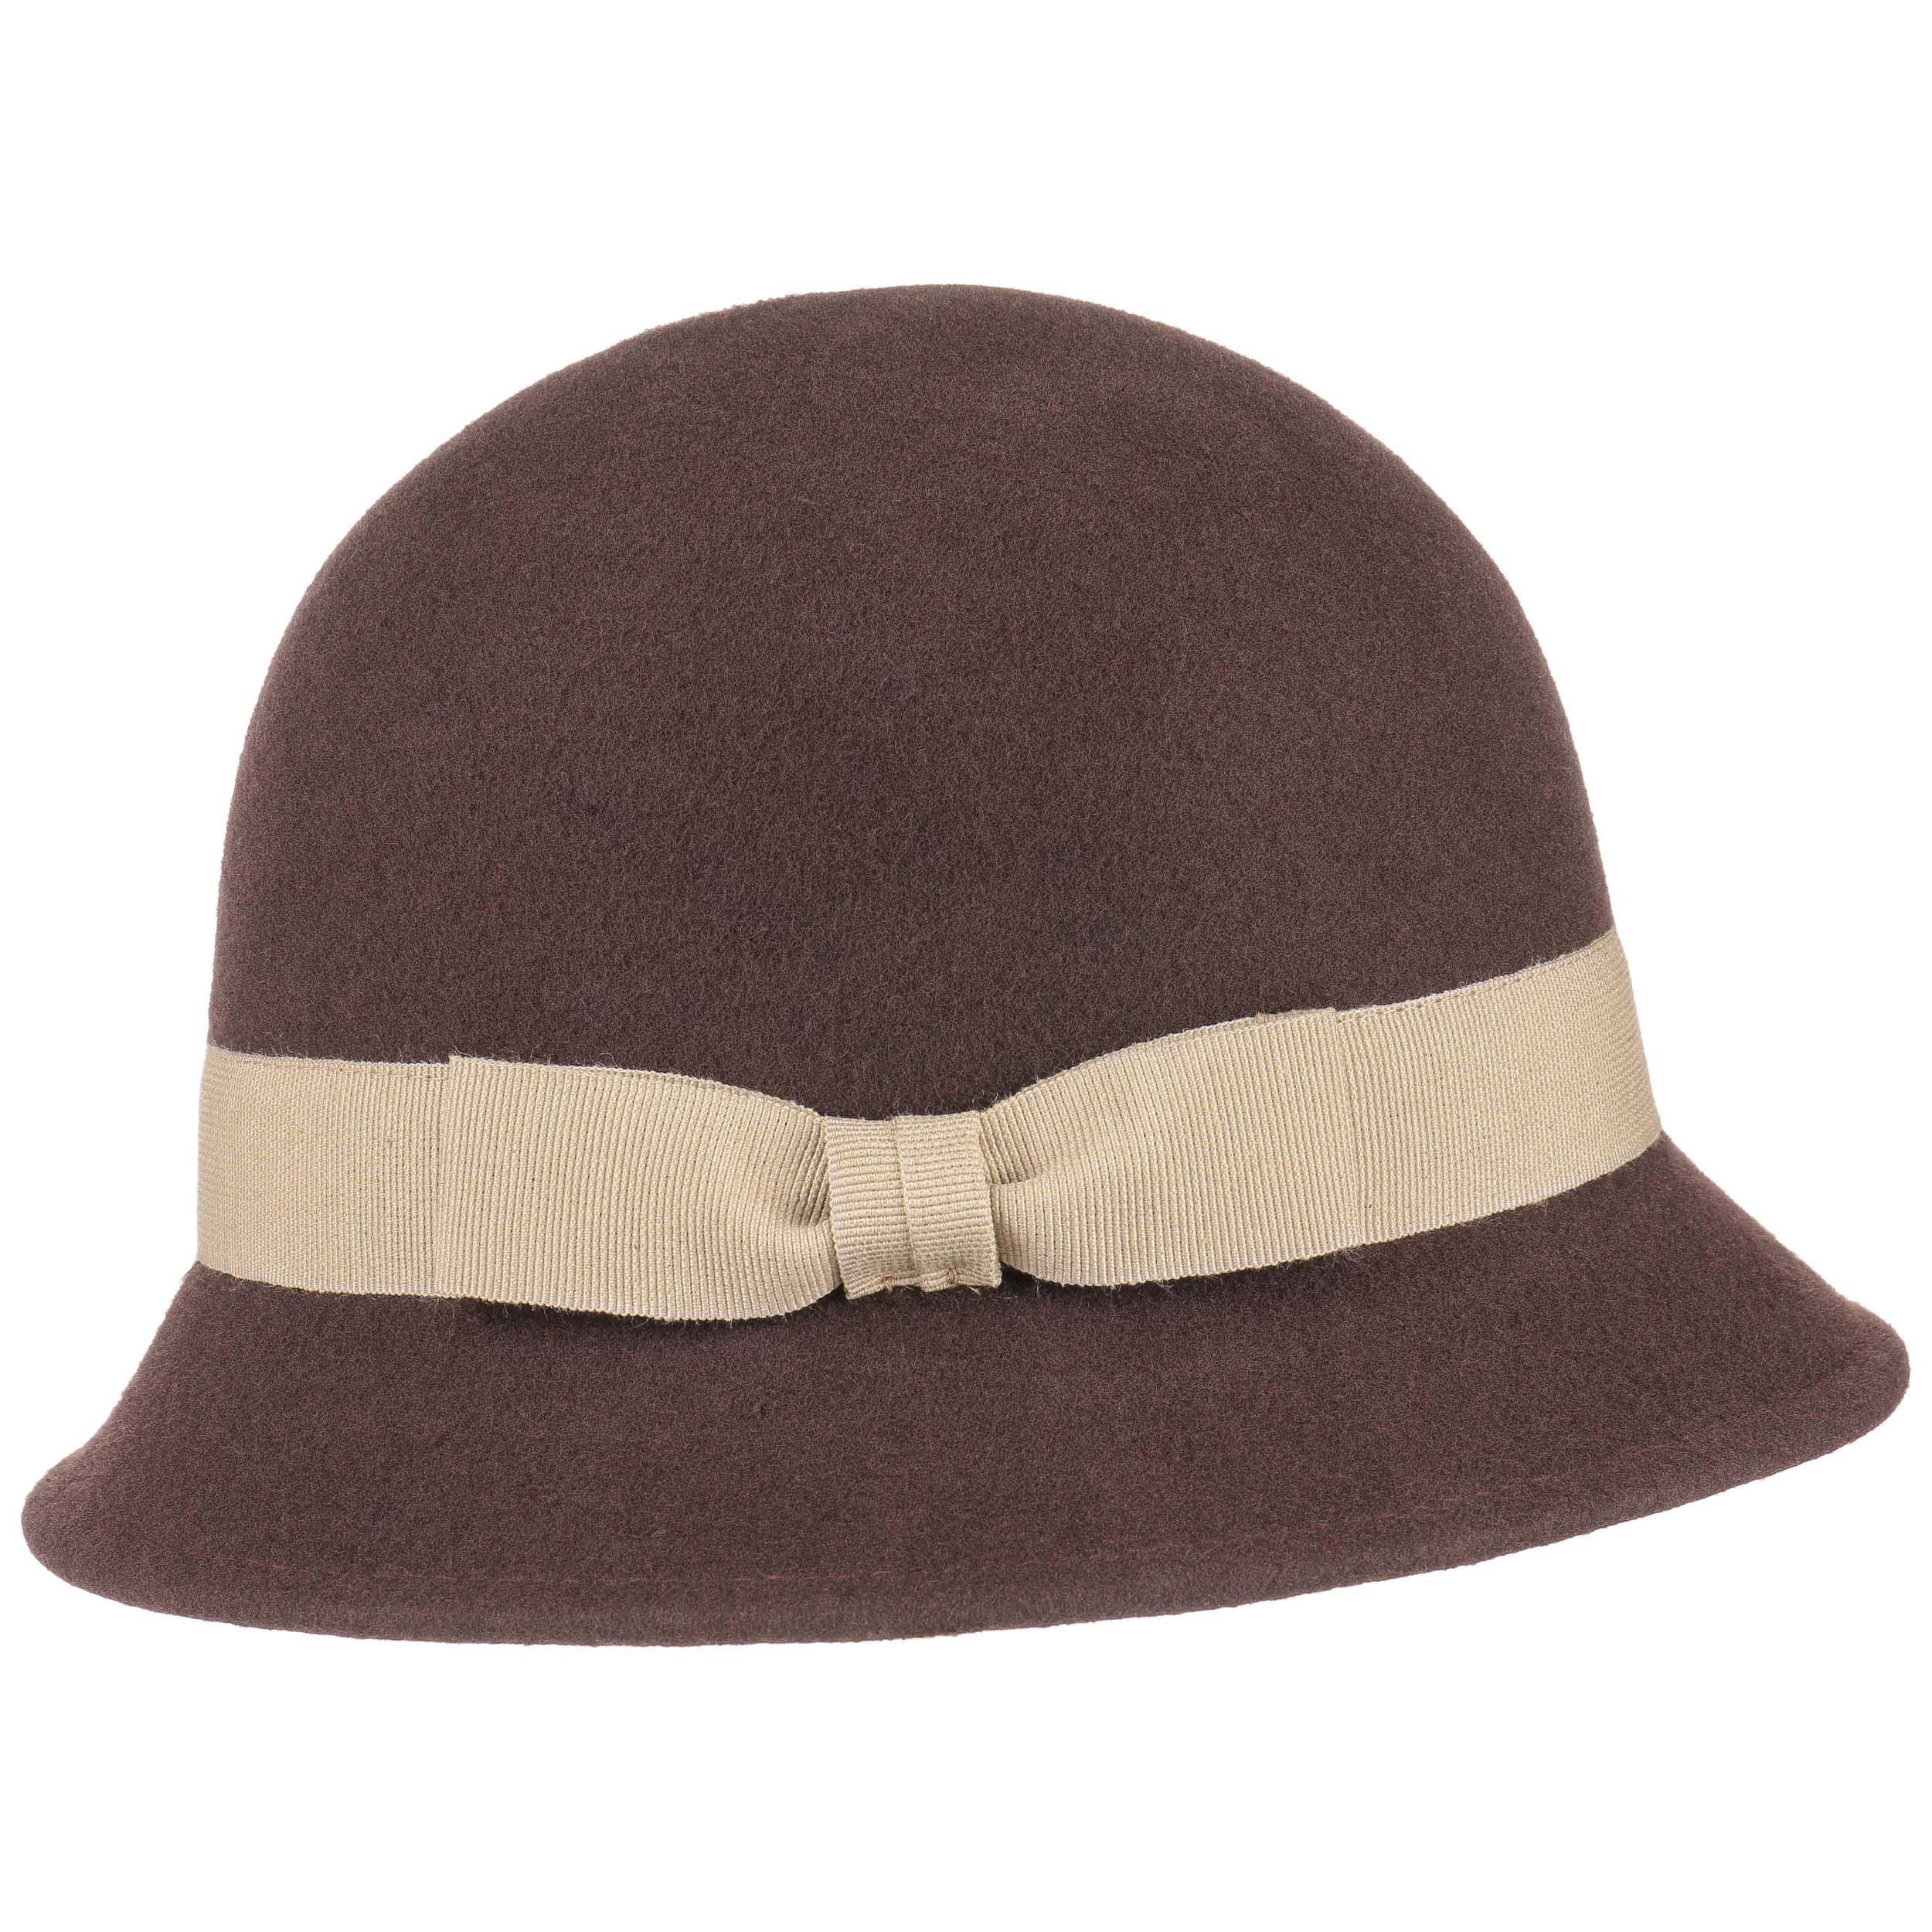 Sombrero Cloché de Mujer Kaleja Contrast - Sombreros - sombreroshop.es f69f372ced5